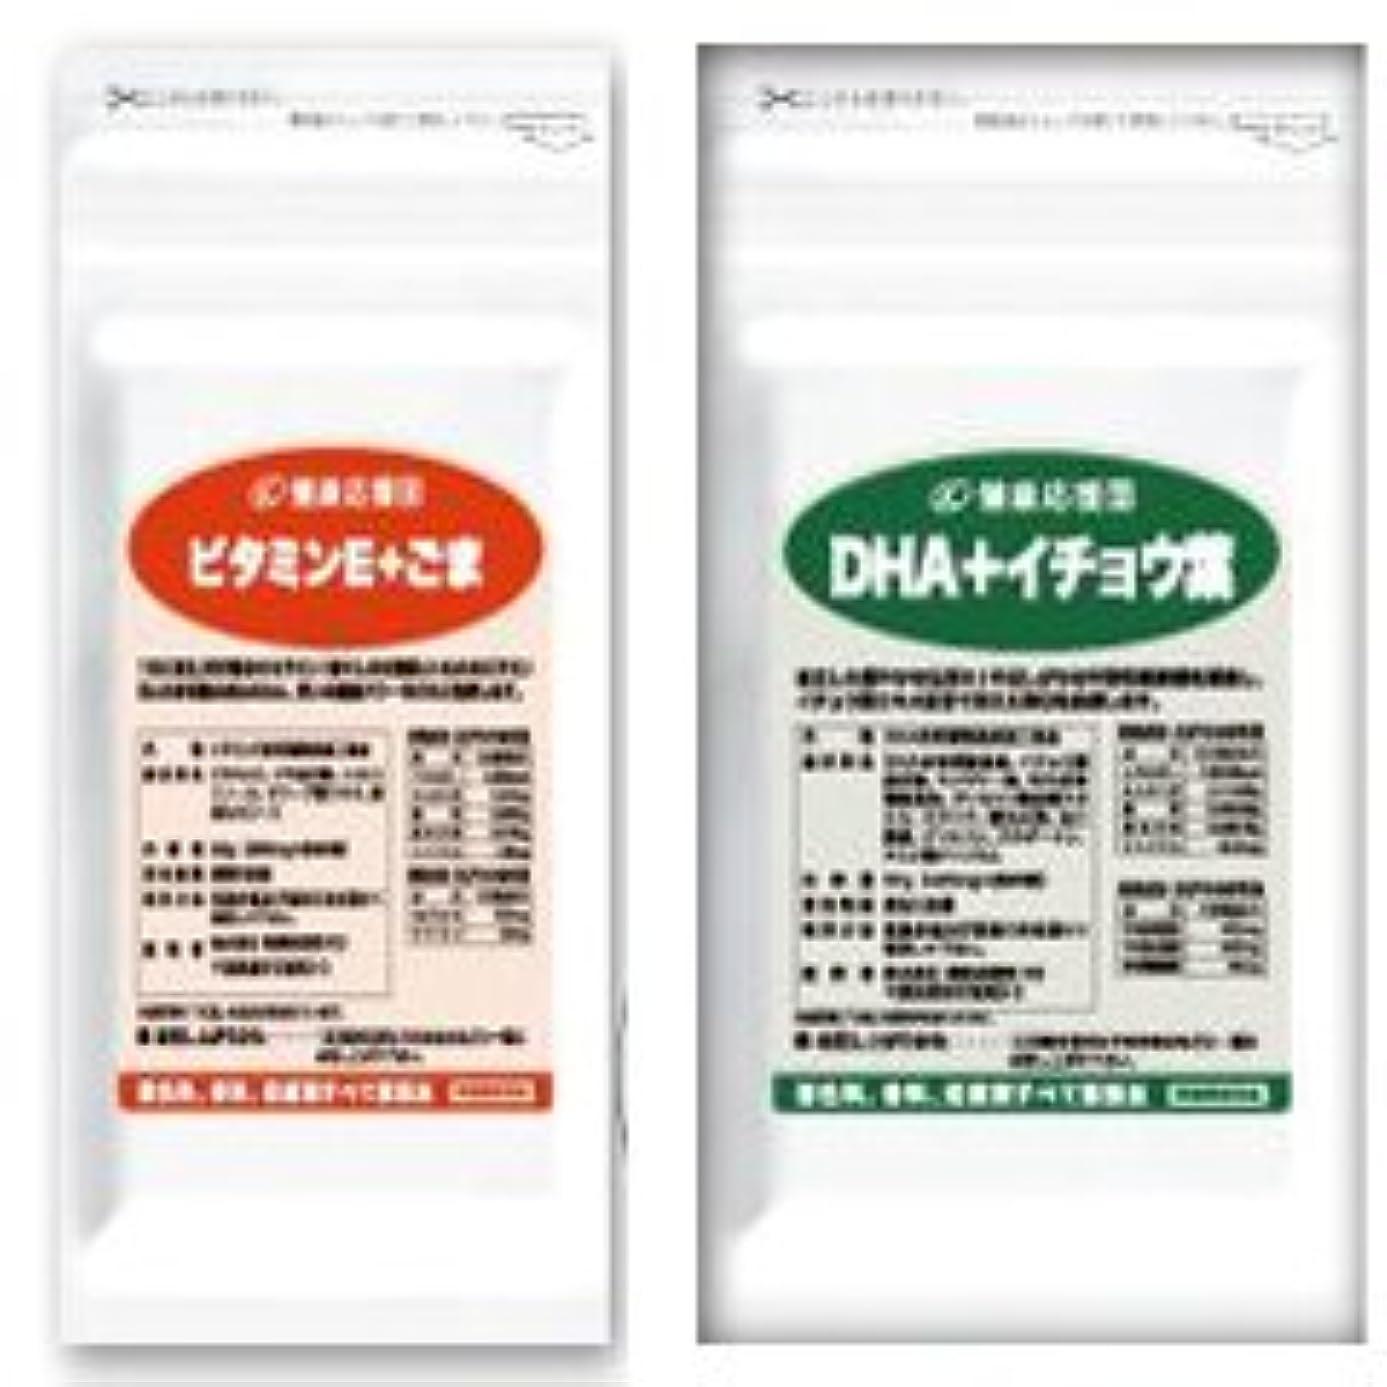 電子弁護せがむ(お徳用12か月分) 毎日元気セット(ビタミンE+ごま)+(DHA+イチョウ葉エキス) 12袋&12袋セット(DHA?EPA?ビタミンE?セサミン)